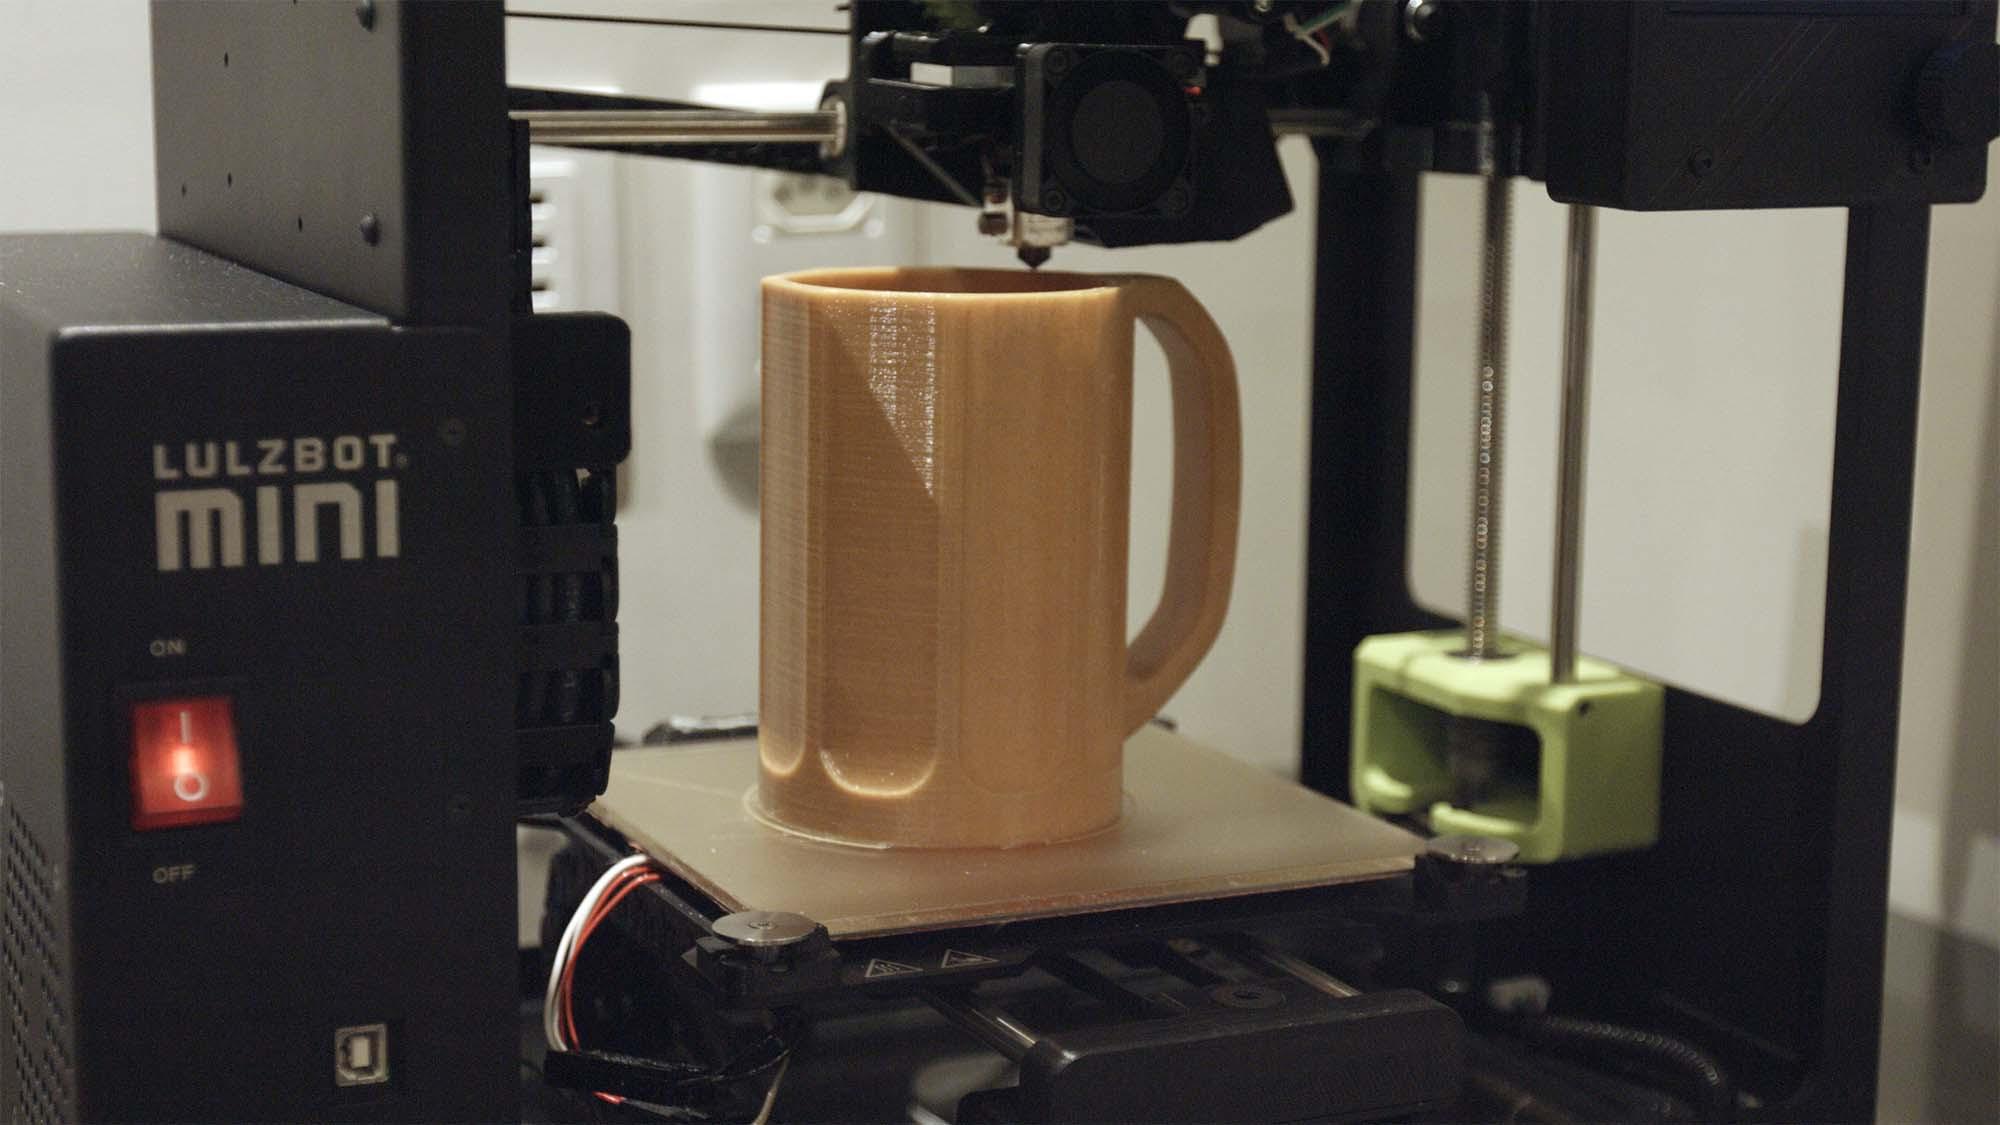 O projeto B33R3D.com é um site onde são disponibilizados gratuitamente projetos open source para que os apaixonados por impressão 3D possam imprimir em casa objetos prontos ligados ao universo cervejeiro (Foto: Divulgação)